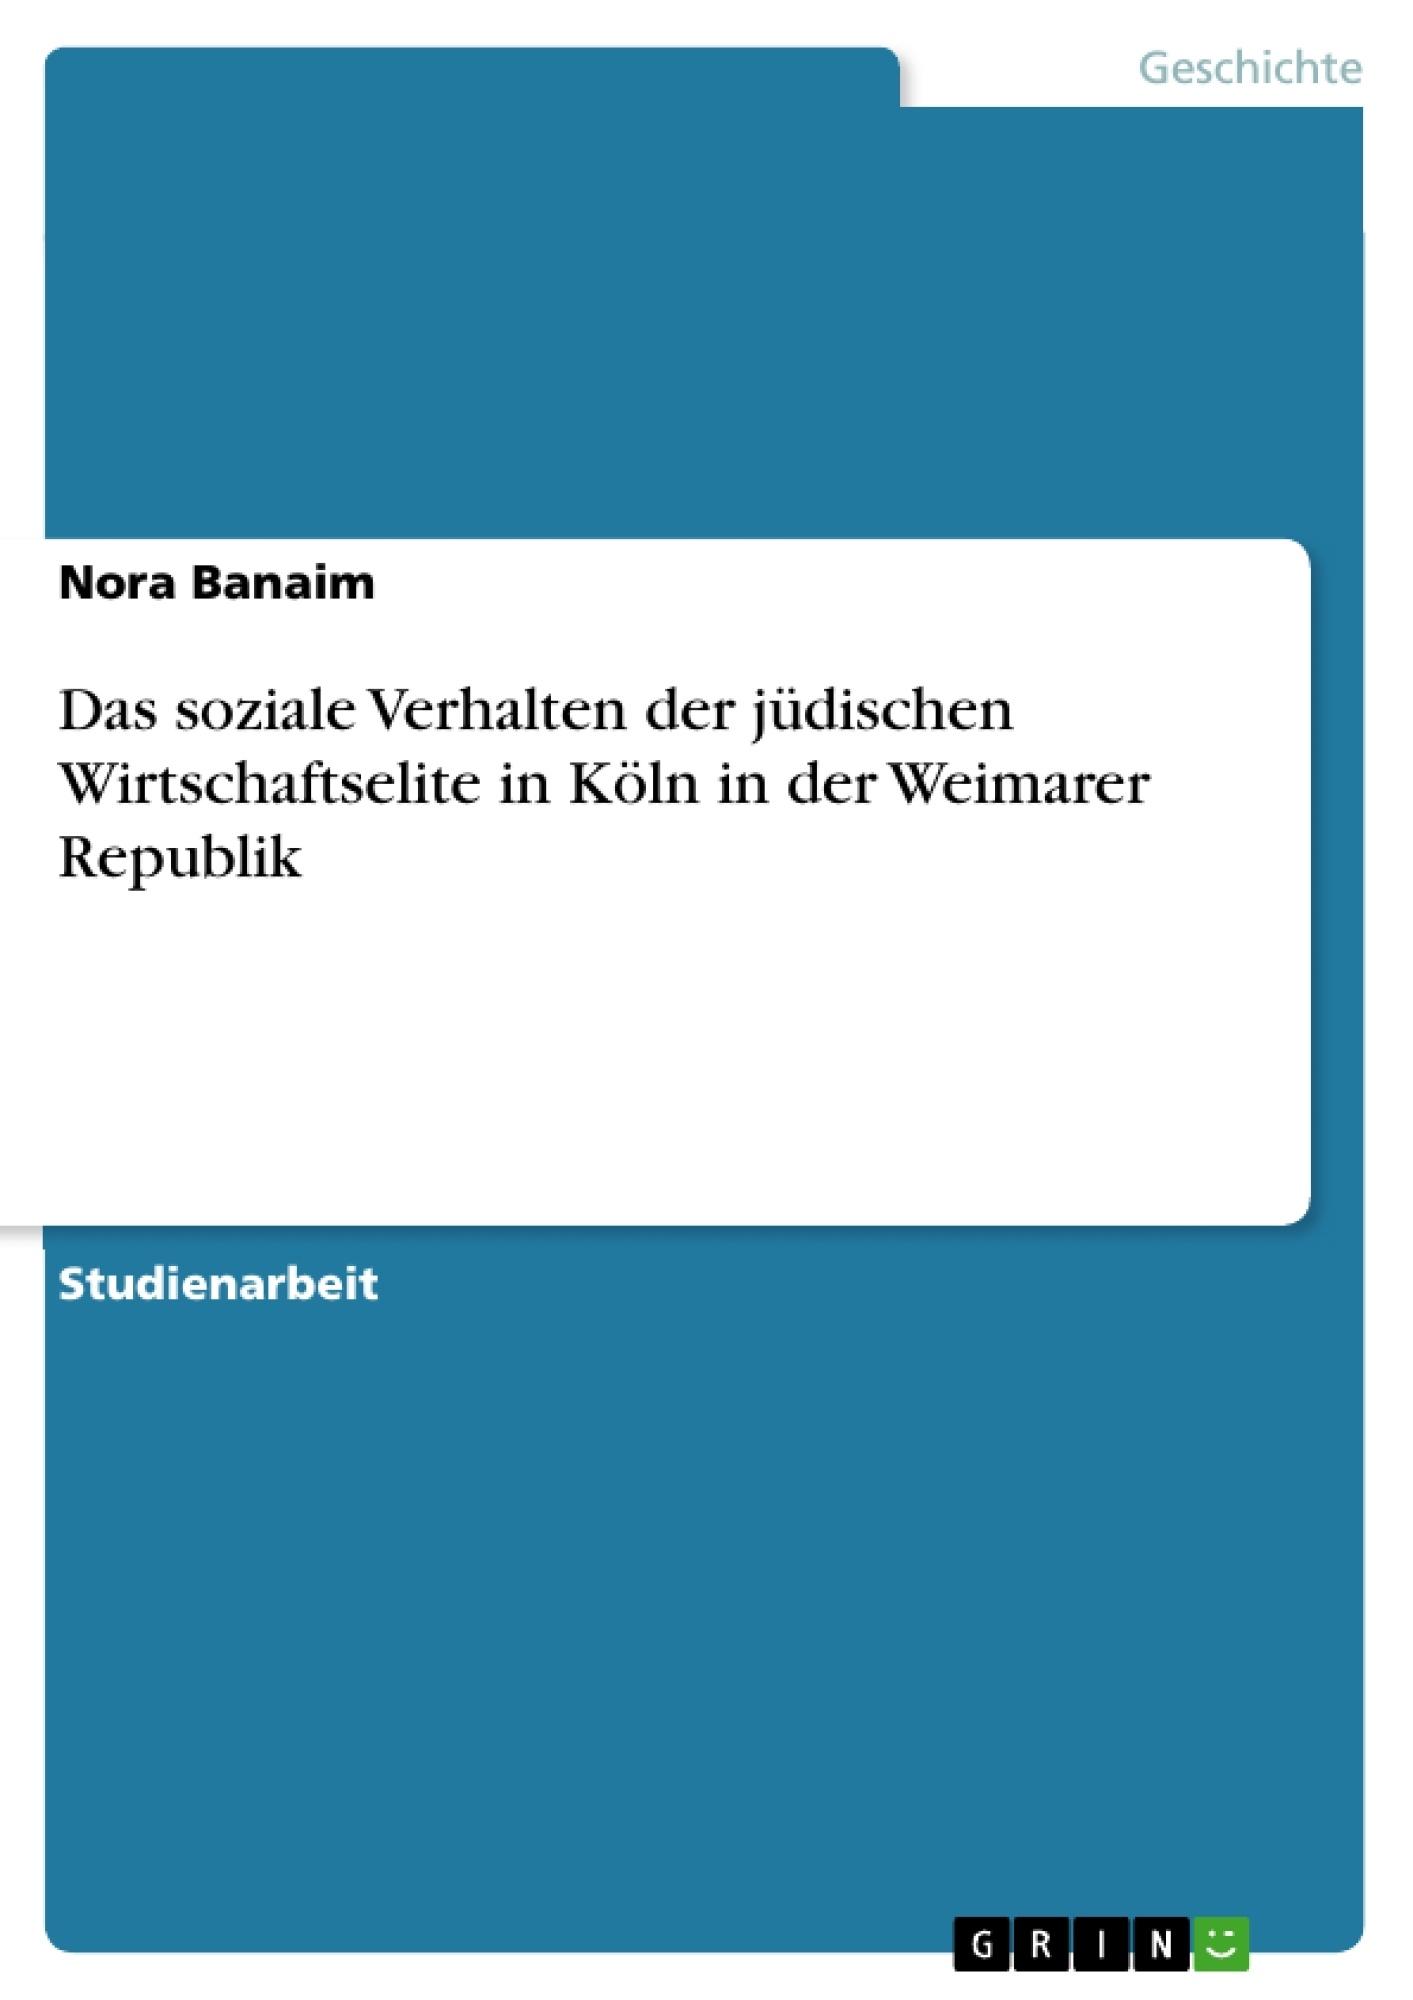 Titel: Das soziale Verhalten der jüdischen Wirtschaftselite in Köln in der Weimarer Republik